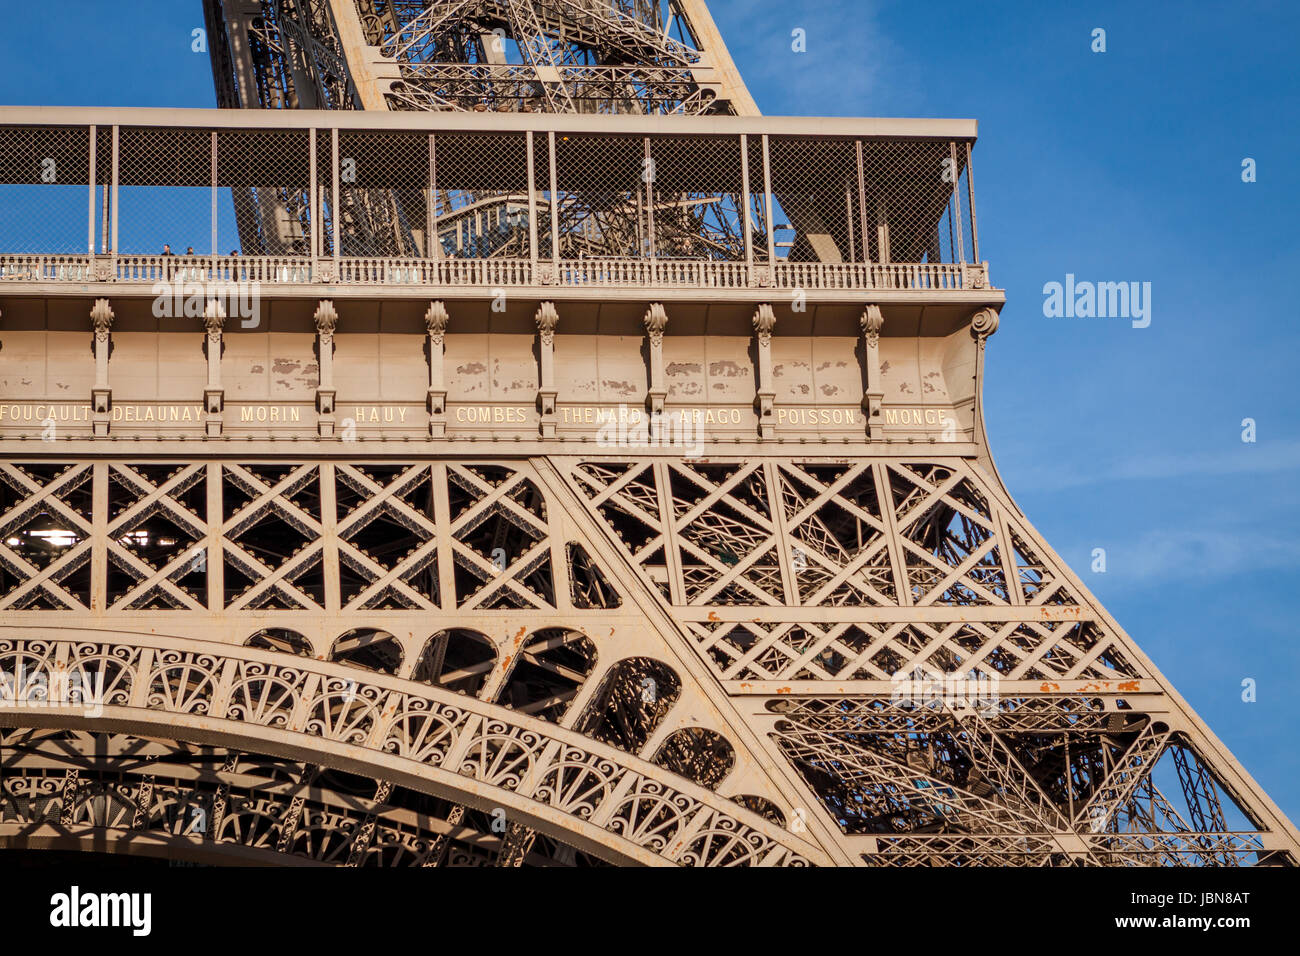 Eiffelturm in Paris Wahrzeichen Vor Blauem Himmel Im Frühling Architektur aussicht Stockfoto